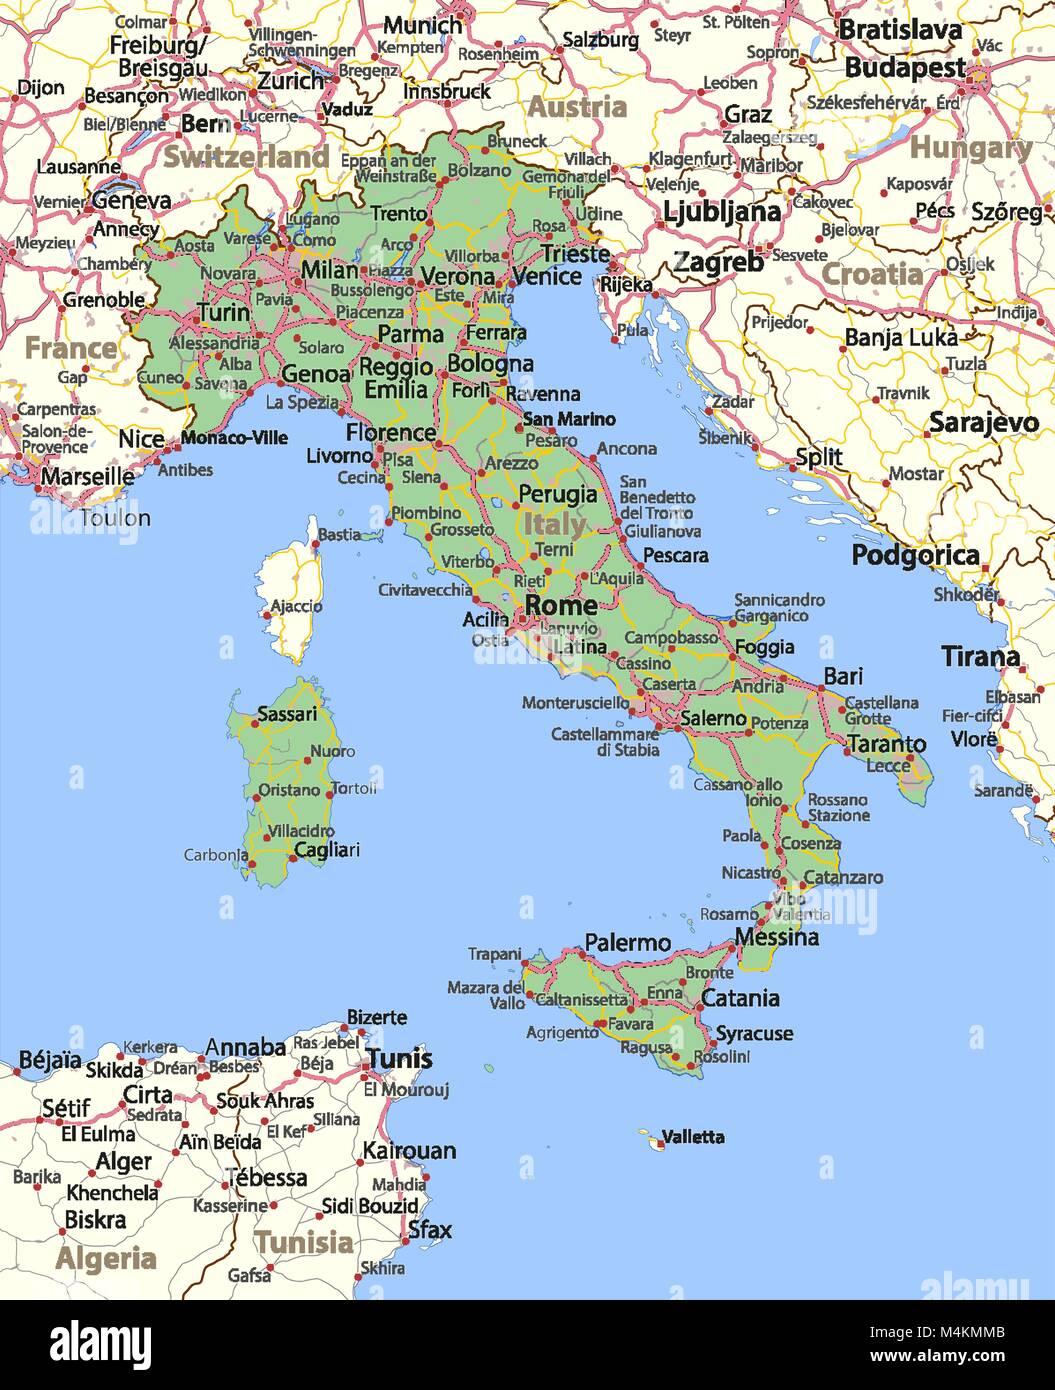 Mostra Cartina Dell Italia.Mappa Dell Italia Mostra I Confini Zone Urbane Nomi Di Localita